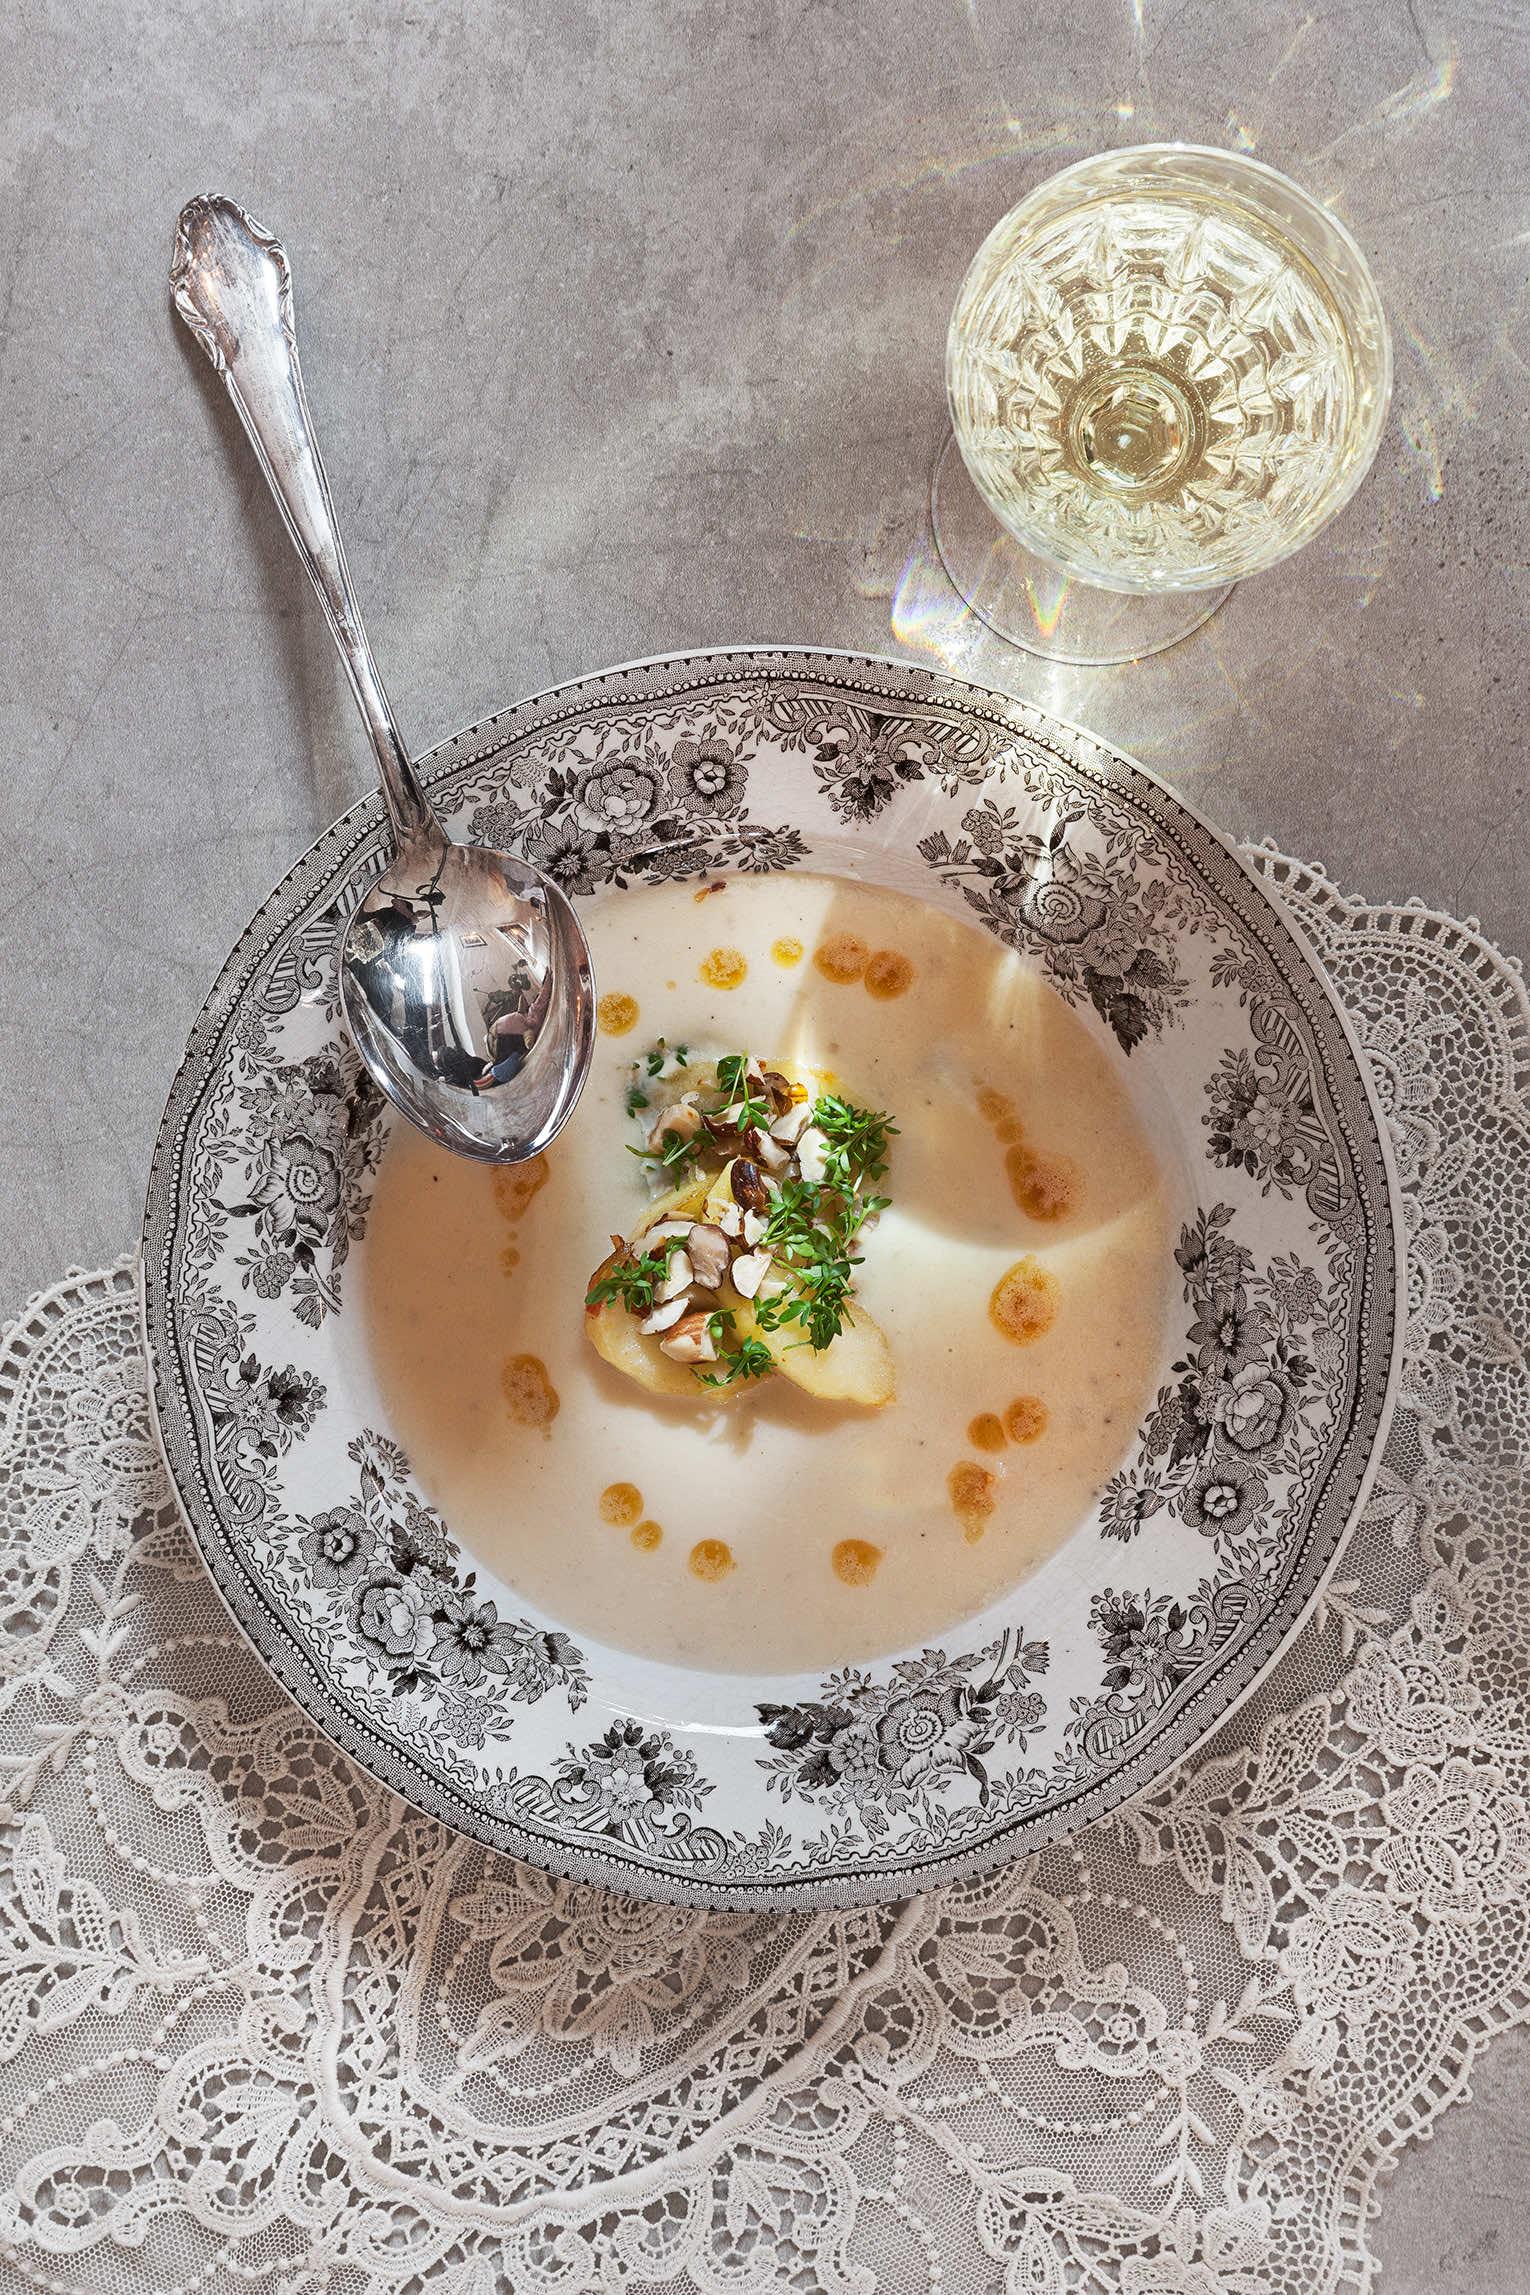 Jordärtskockssoppa stekta äppelklyftor brynt smör